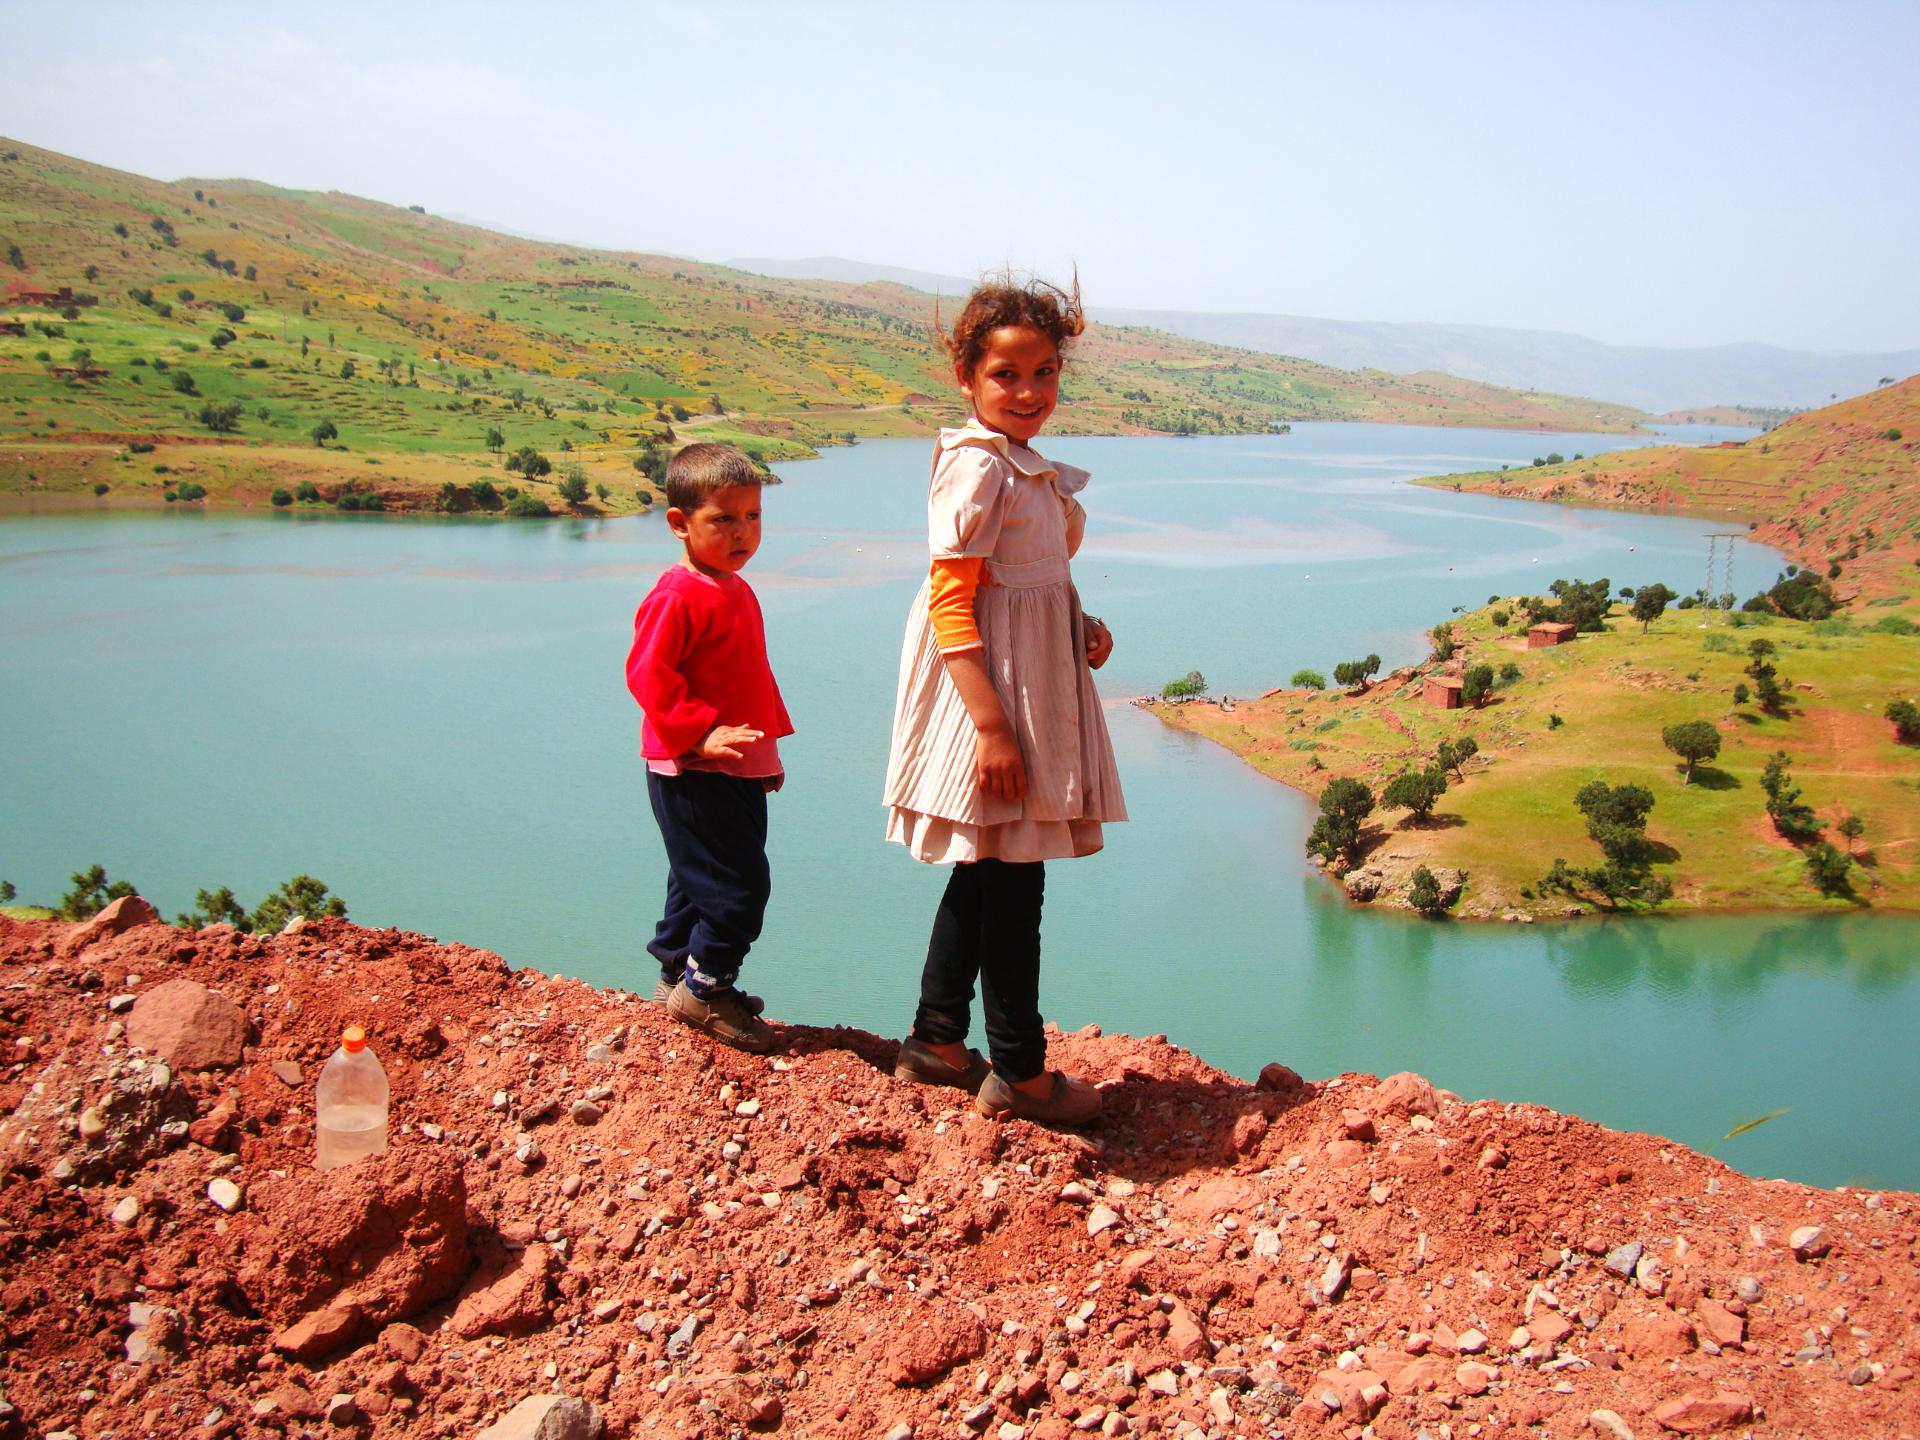 Berber children Bin el ouidane